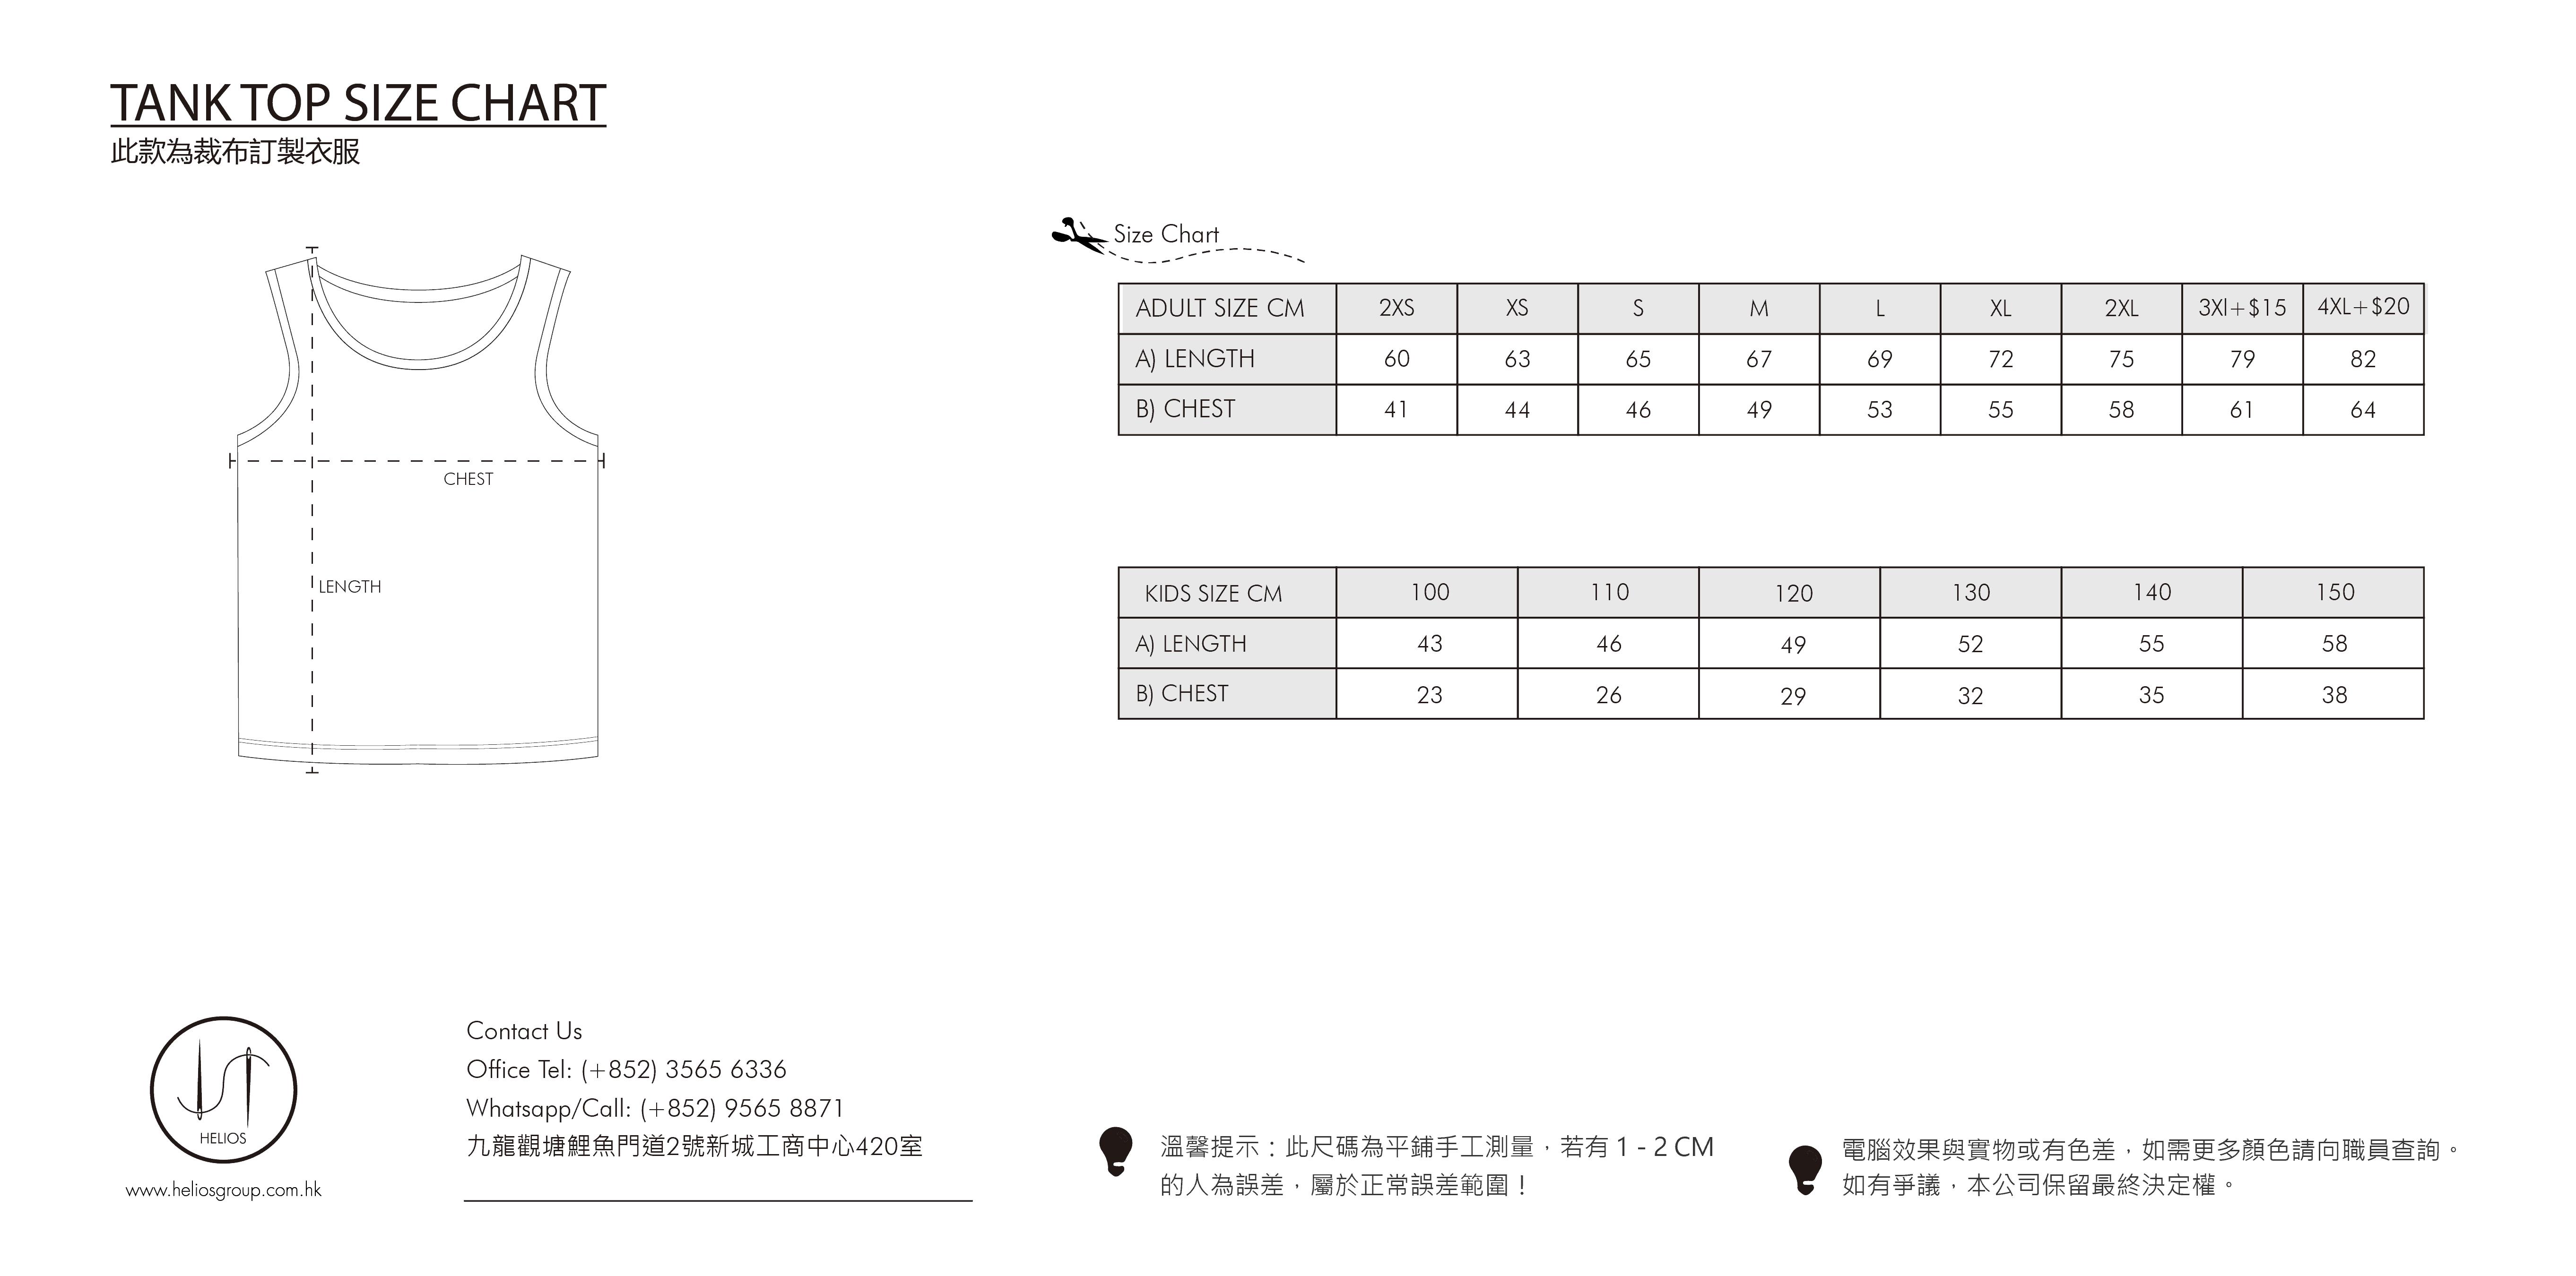 裁布製TANK TOP尺碼表